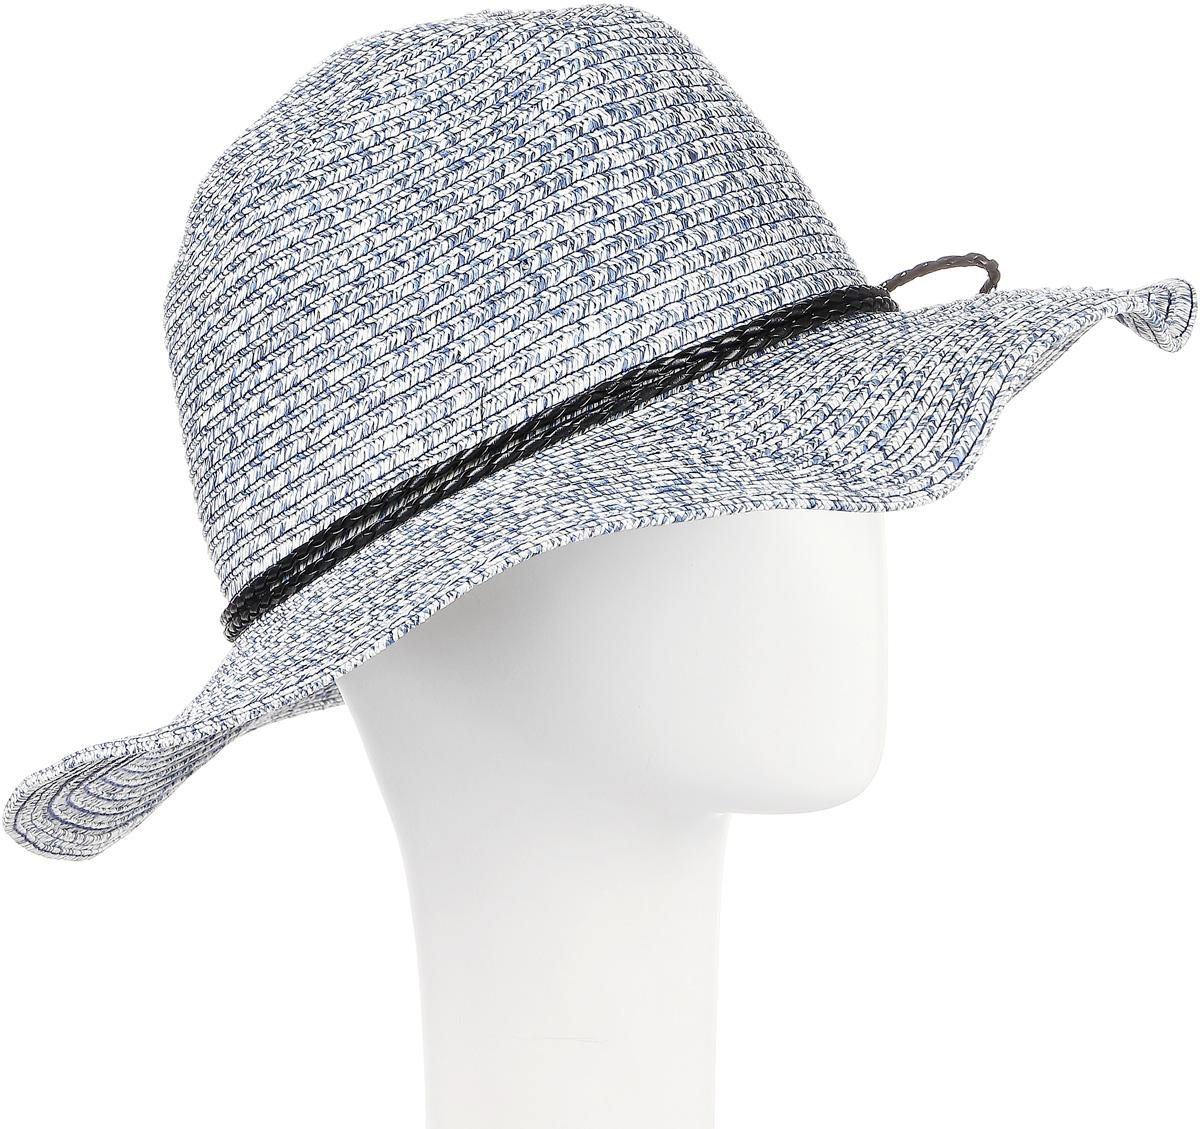 Шляпа женская Maxval, цвет: джинс. HtW100291. Размер 57HtW100291Модная шляпа Maxval выполнена из качественной бумажной соломки. Шляпа с широкими полями дополнена плетеным шнурком. Эта модель станет отличным аксессуаром и дополнит ваш повседневный образ.